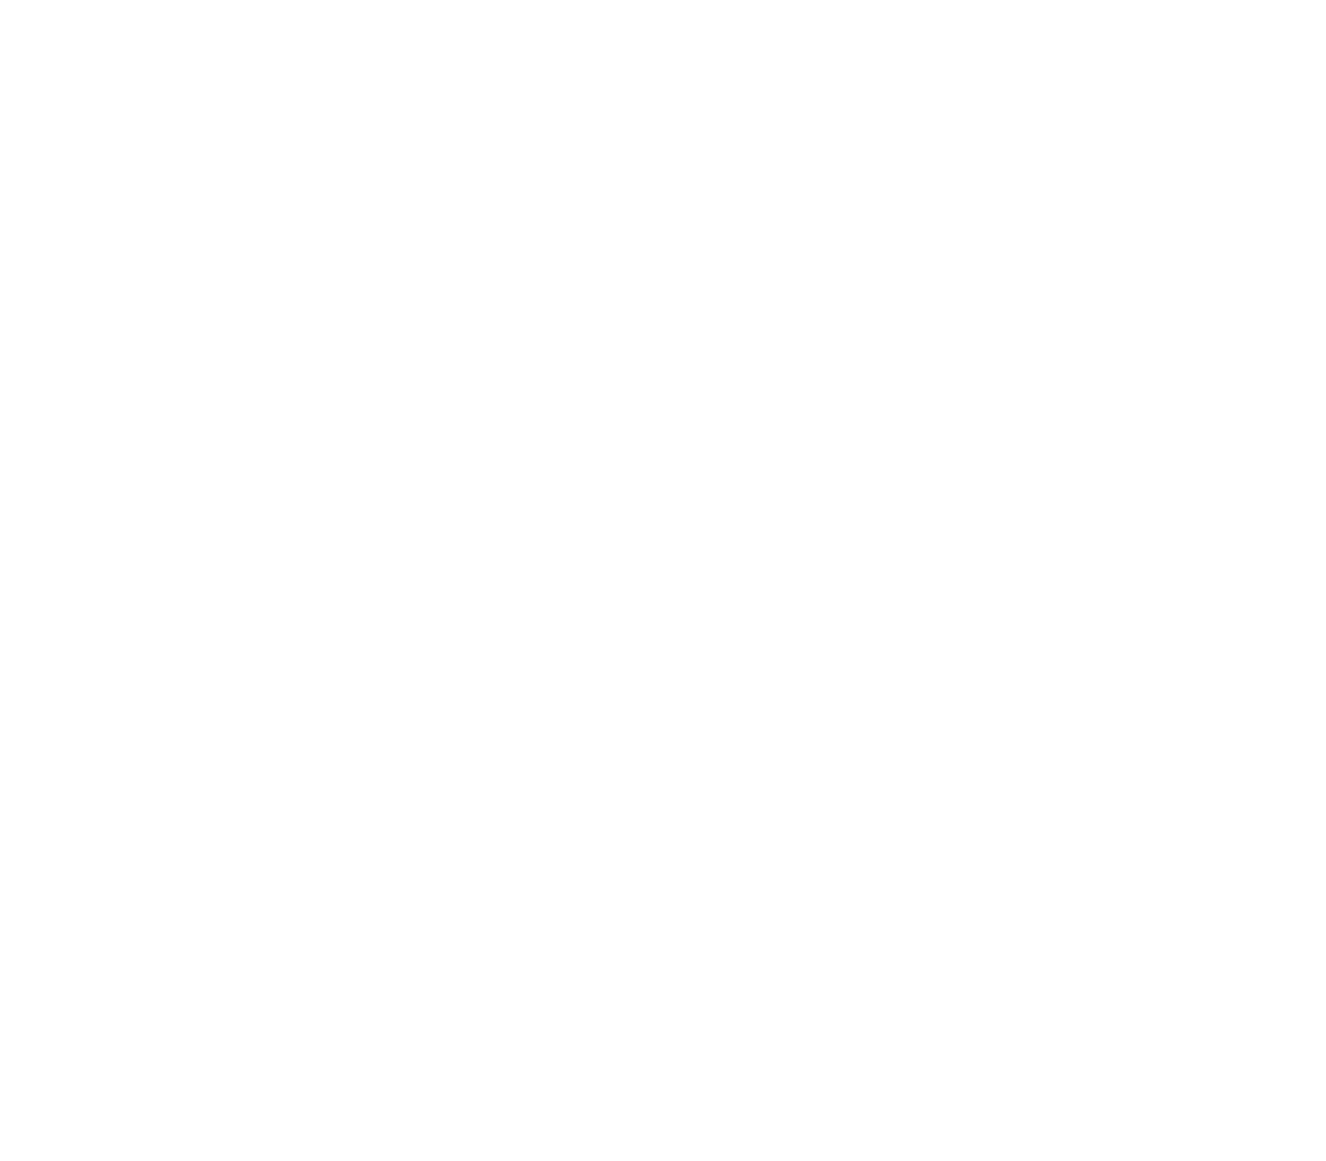 Suratex